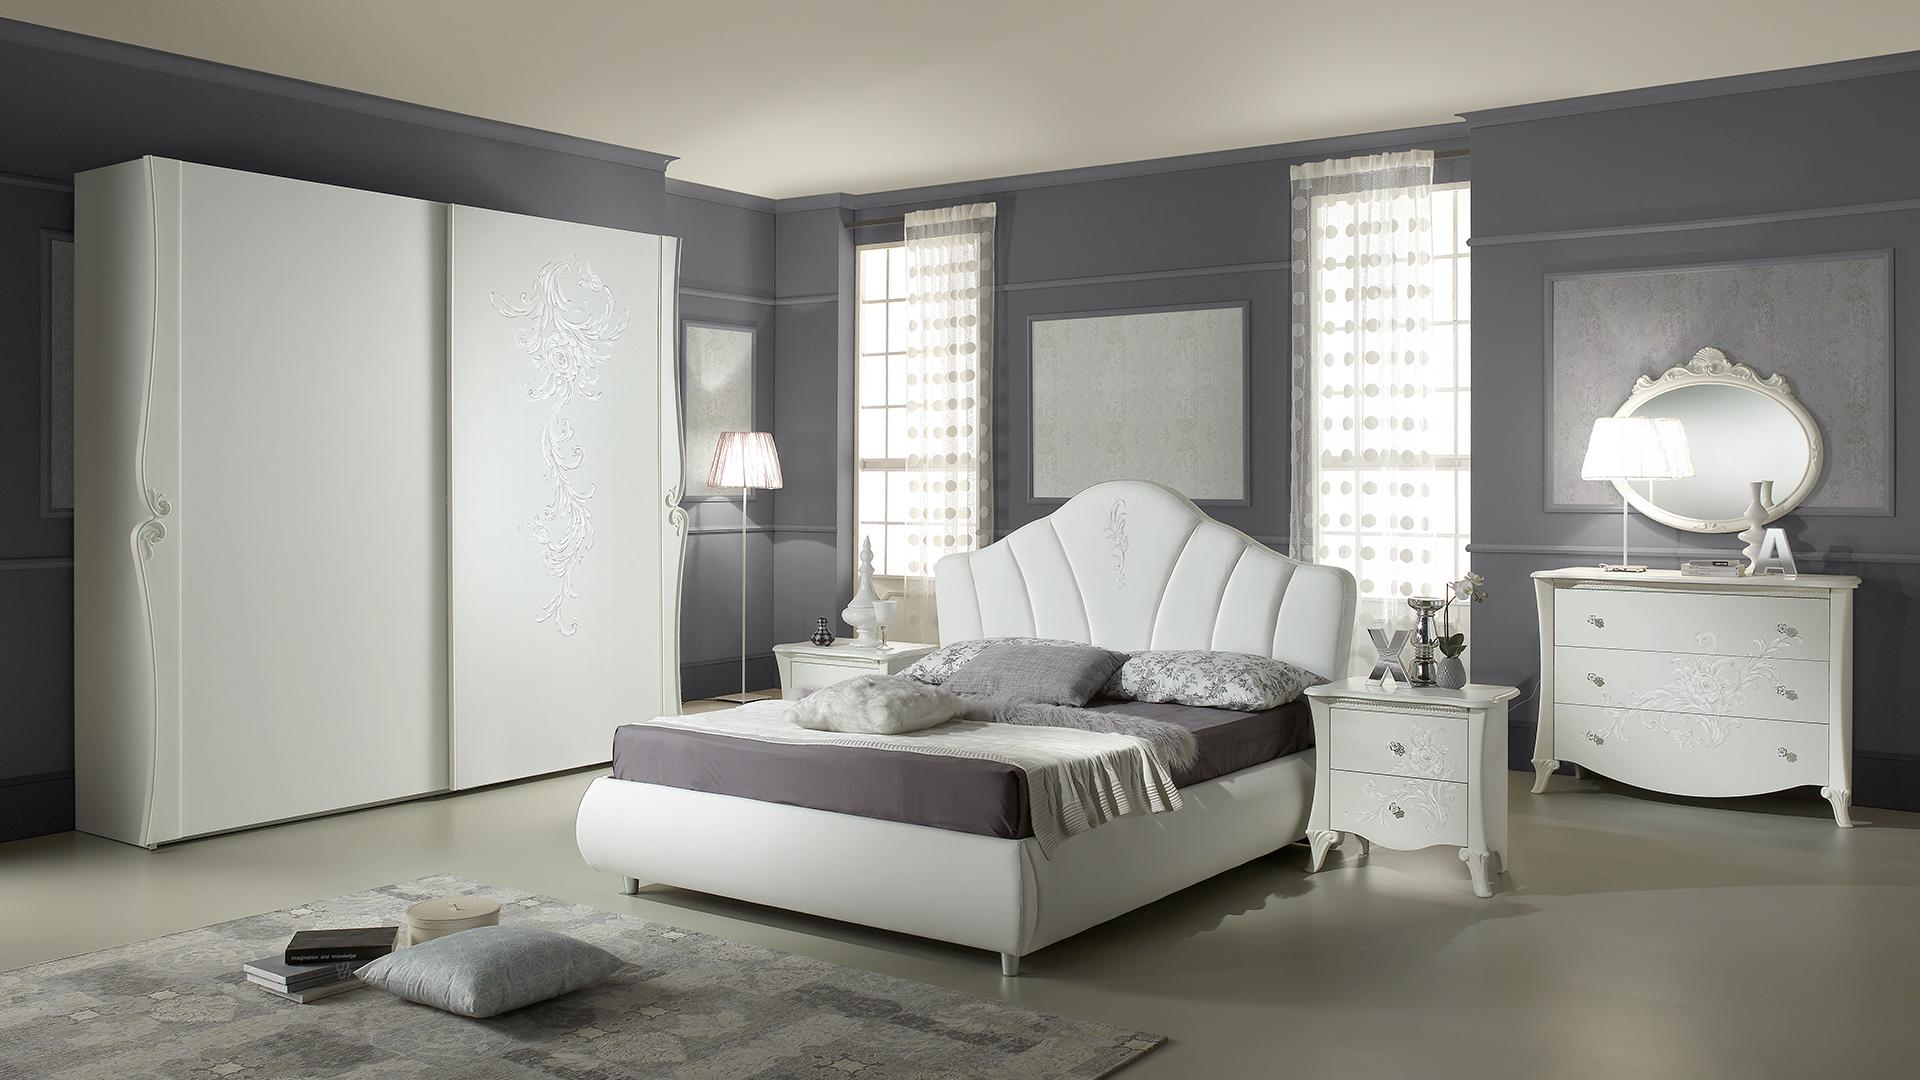 Schwebetürenschrank Schlafzimmer Weiß